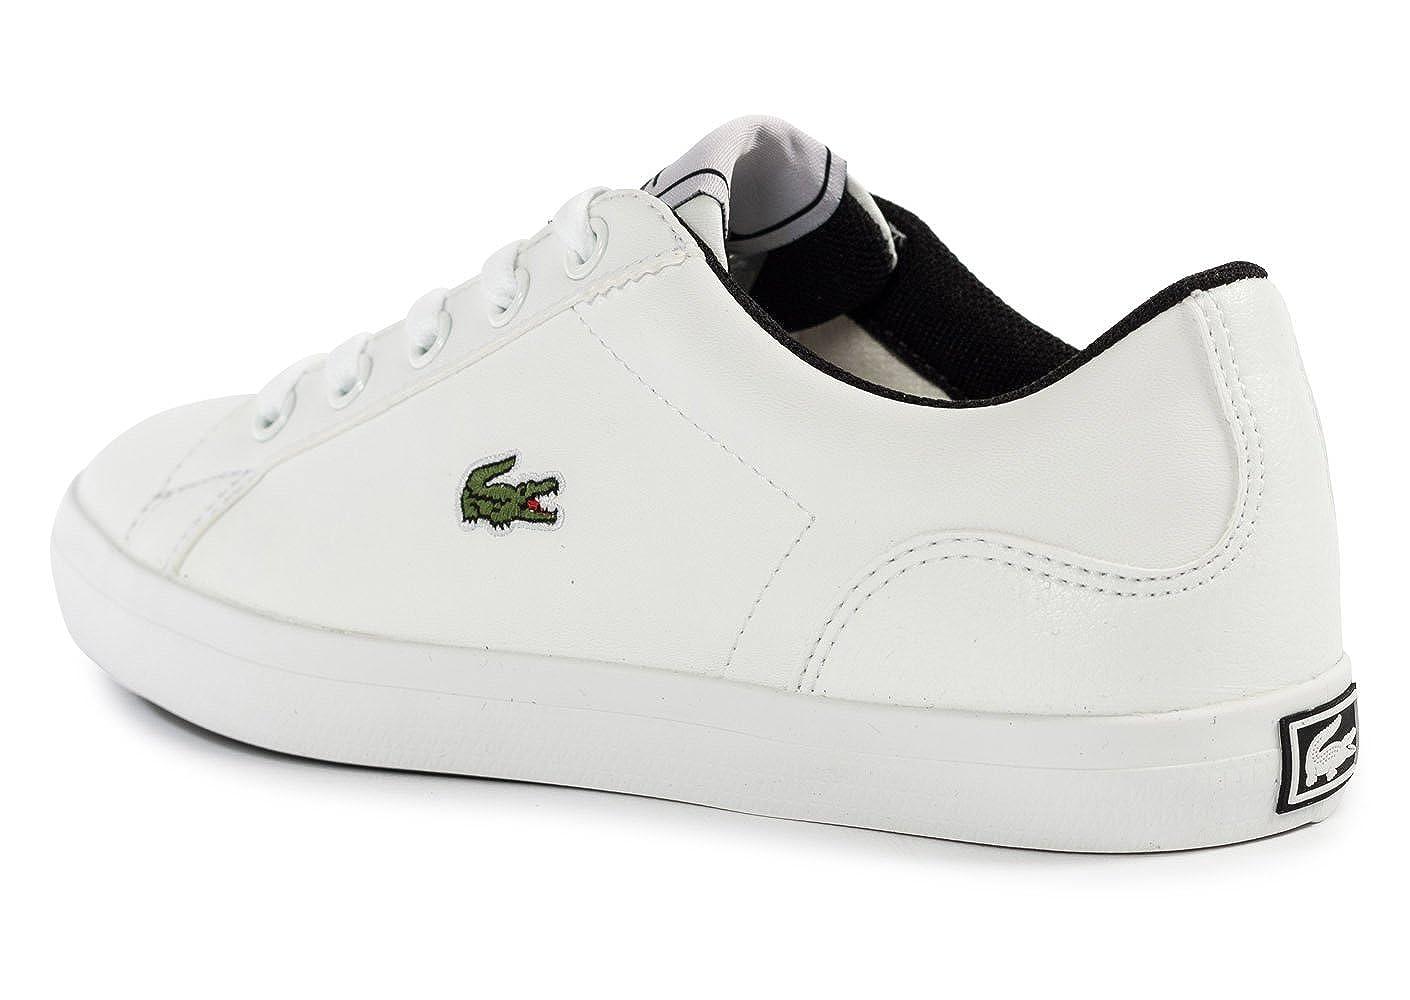 Lacoste - Zapatillas de Material Sintético para niño, Color Blanco, Talla 28 EU Niño: Lacoste: Amazon.es: Zapatos y complementos